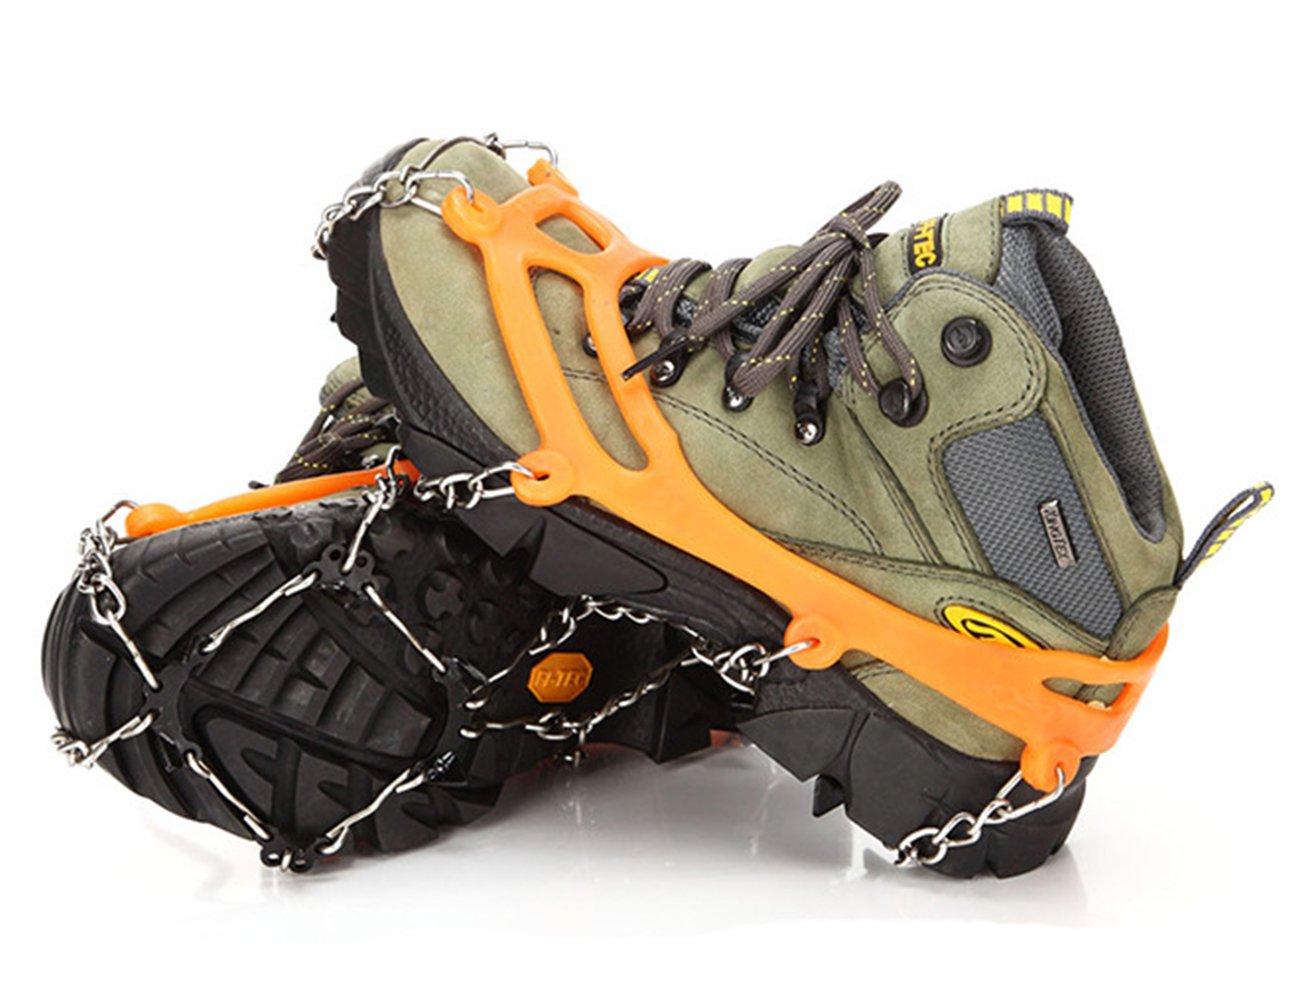 Glace Crampons Crampons Pointes, Acier inoxydable et les Pics en silicone ré sistant Walk é quipements de traction, Bottes Trail Crampons Traction appareil Chaussures bandages pour la randonné e sur glace et neige Sol, Montagne orange